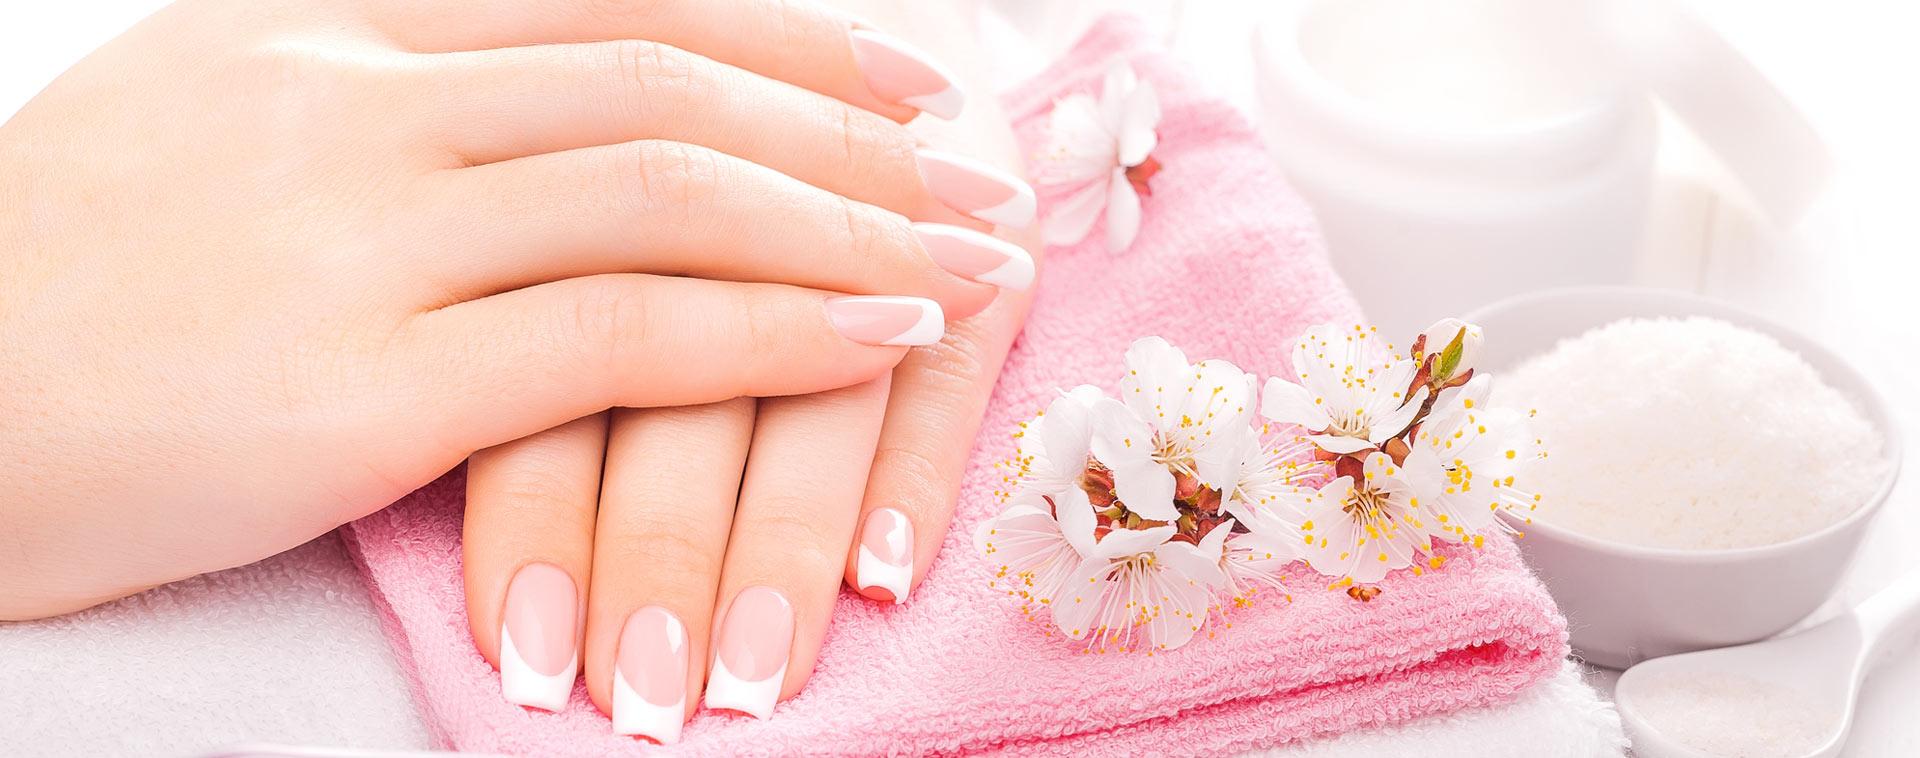 Salon kosmetyczny Zgierz - manicure pedicure hybrydowy